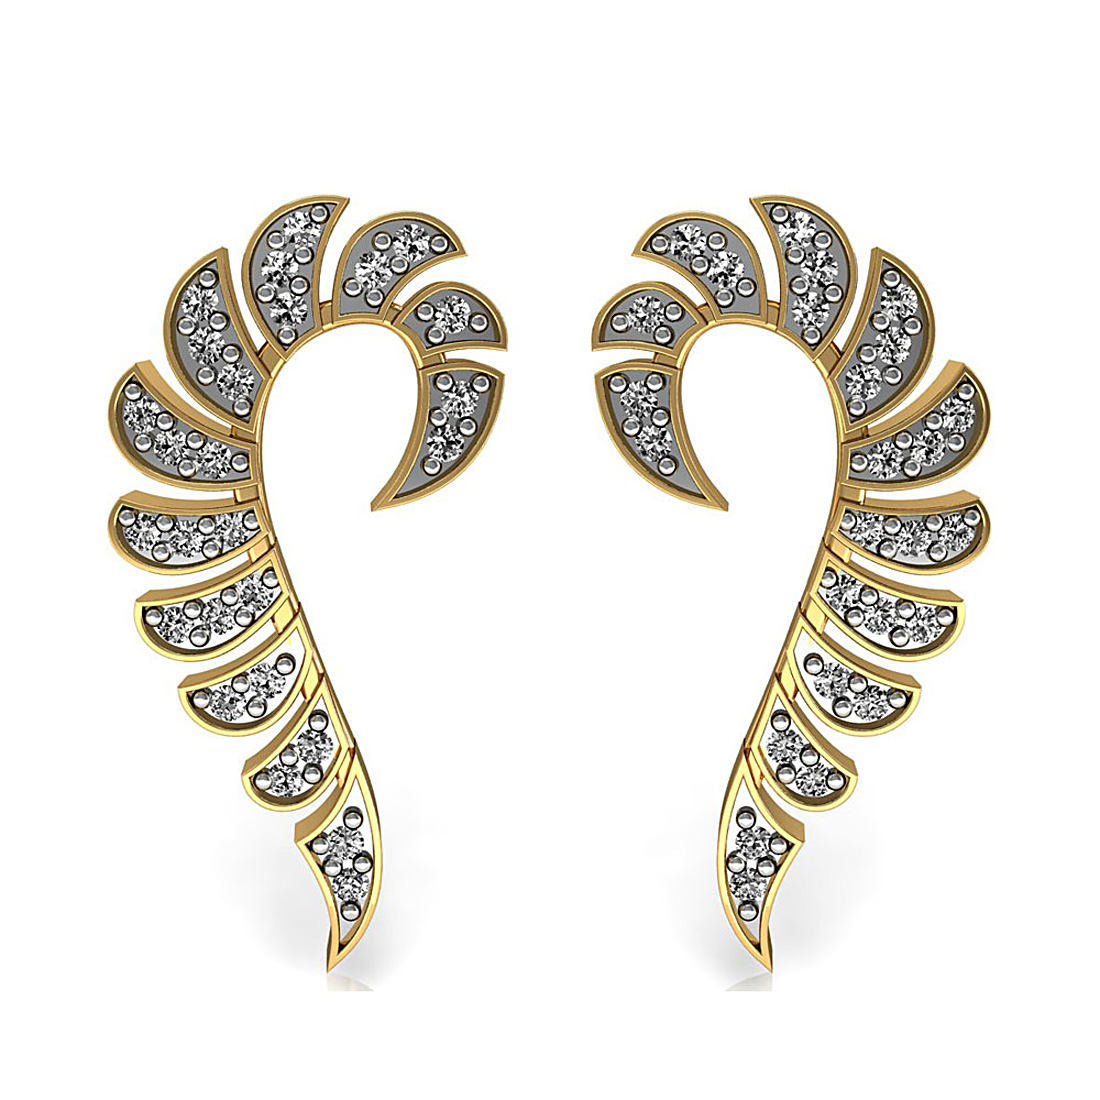 Gorgeous Diamond & Gold Earring